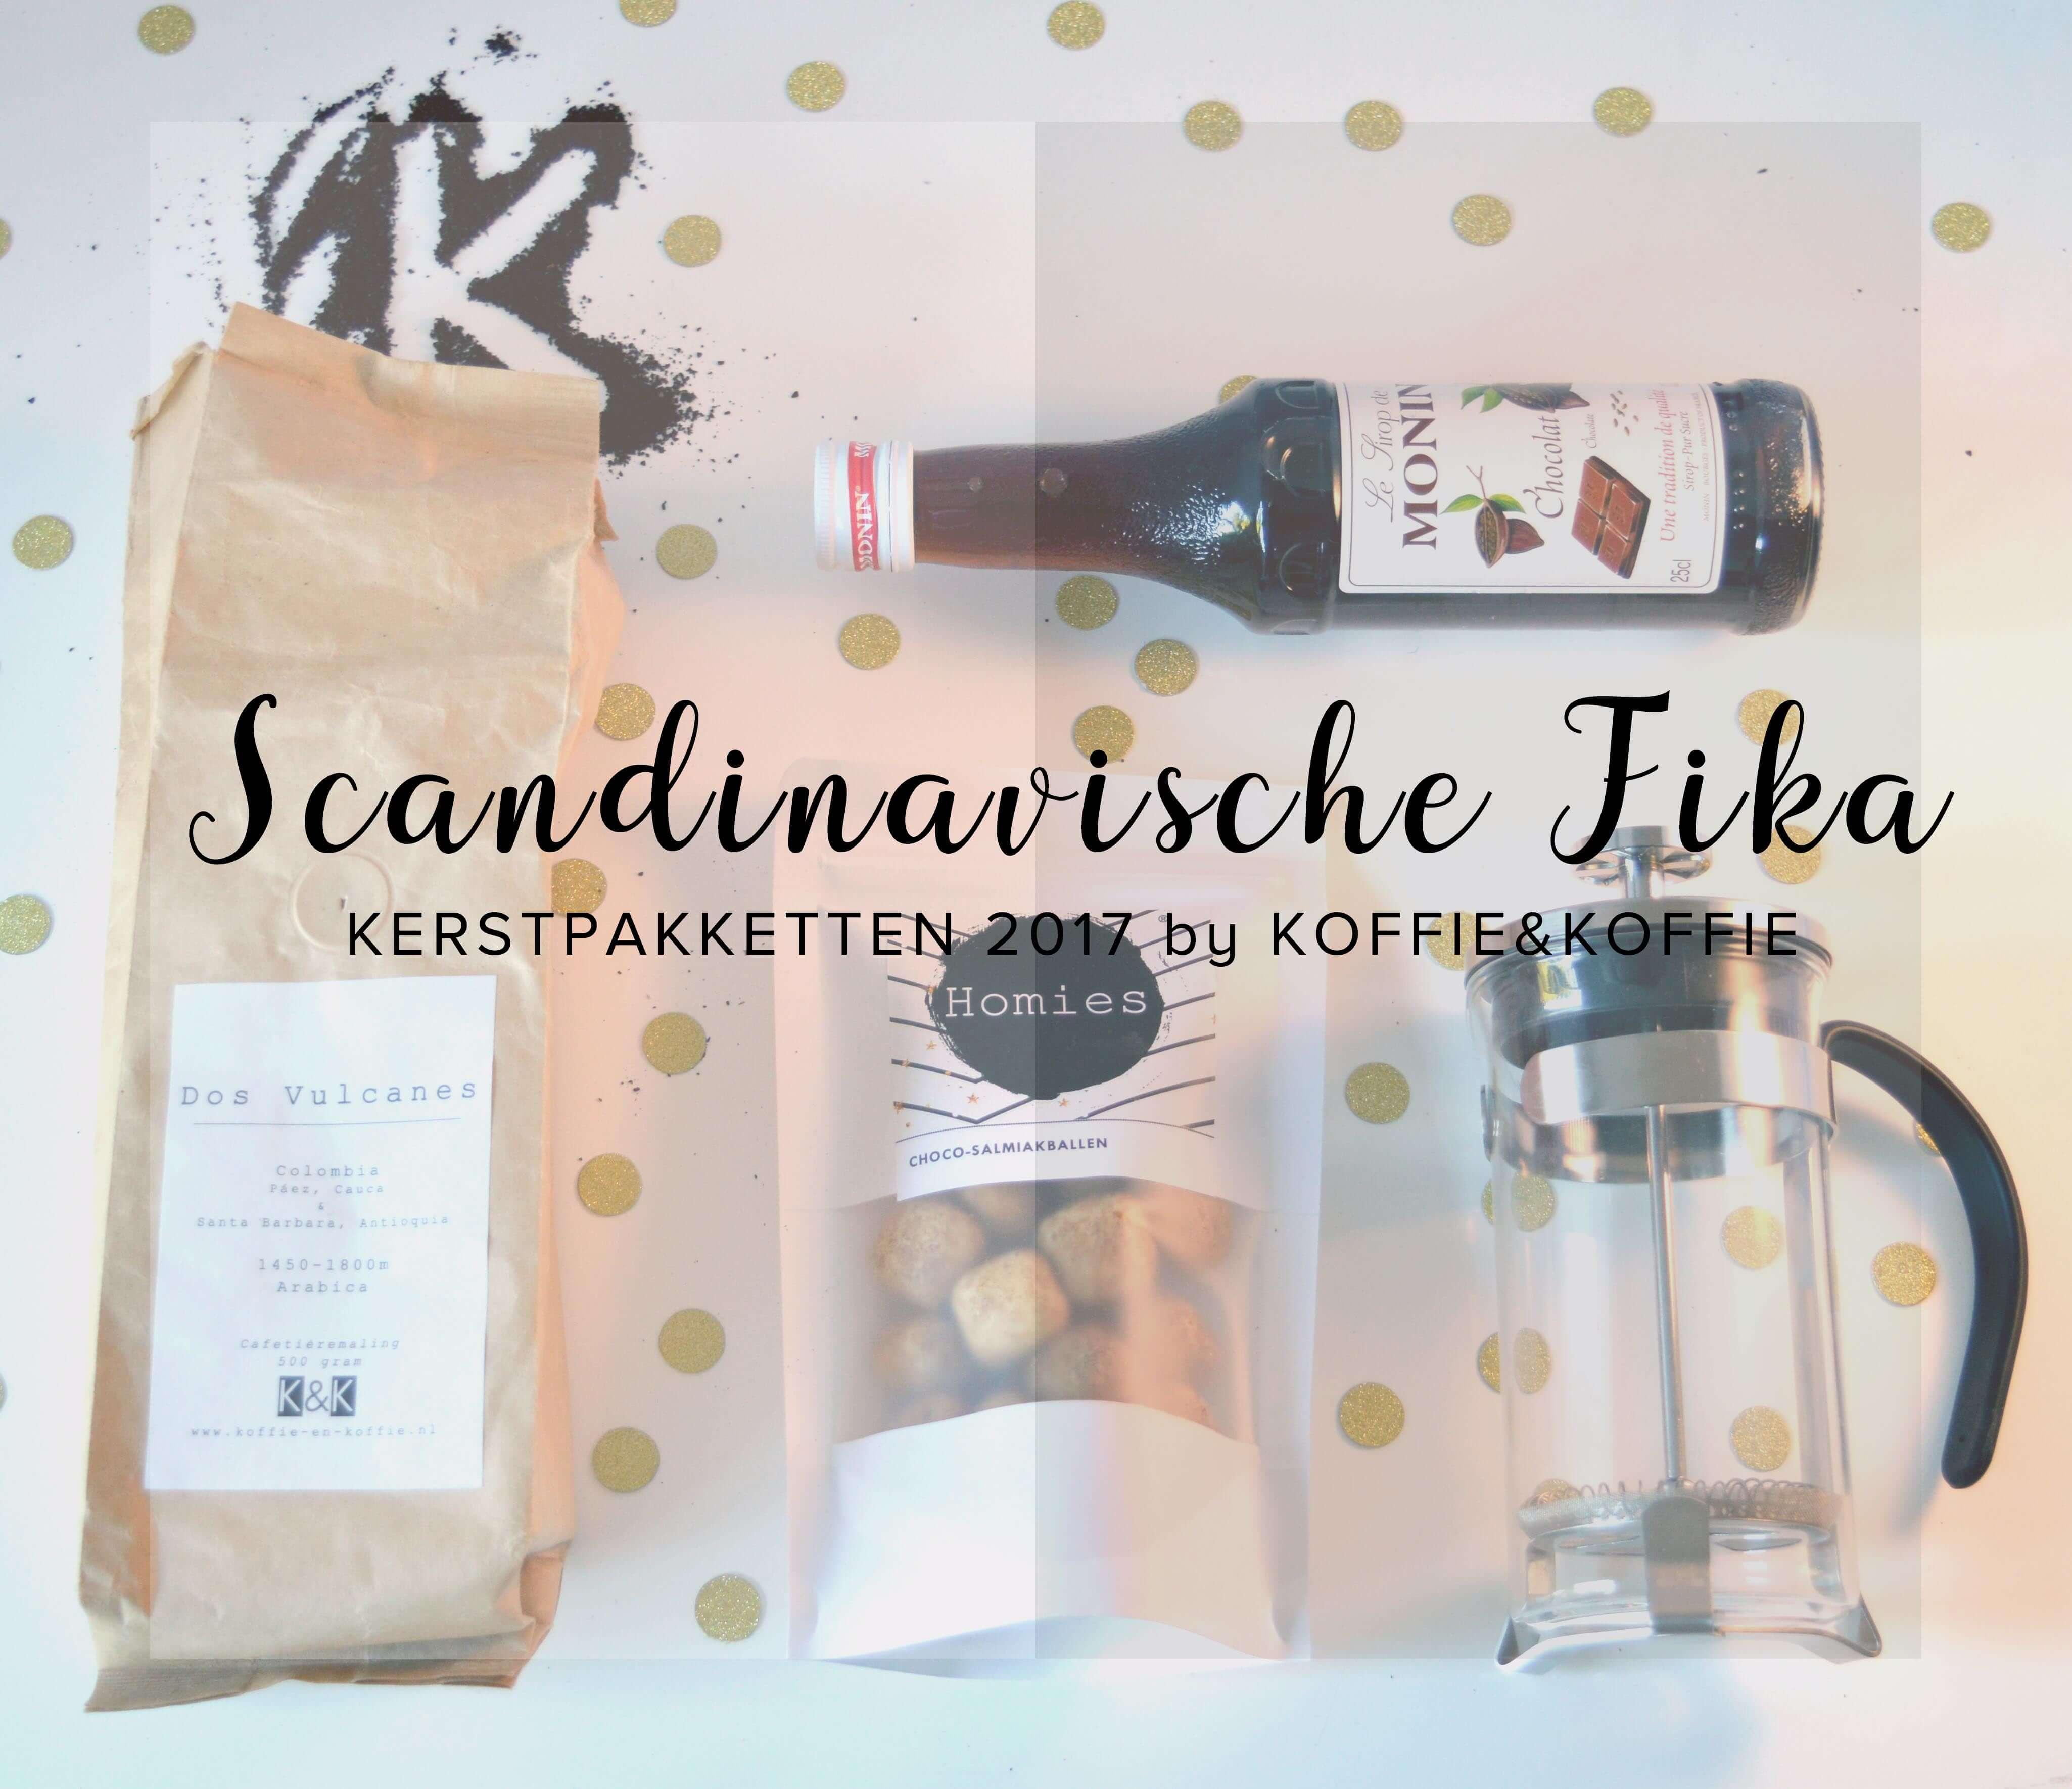 K&K Koffie Kerstpakket Scandinavische FIKA